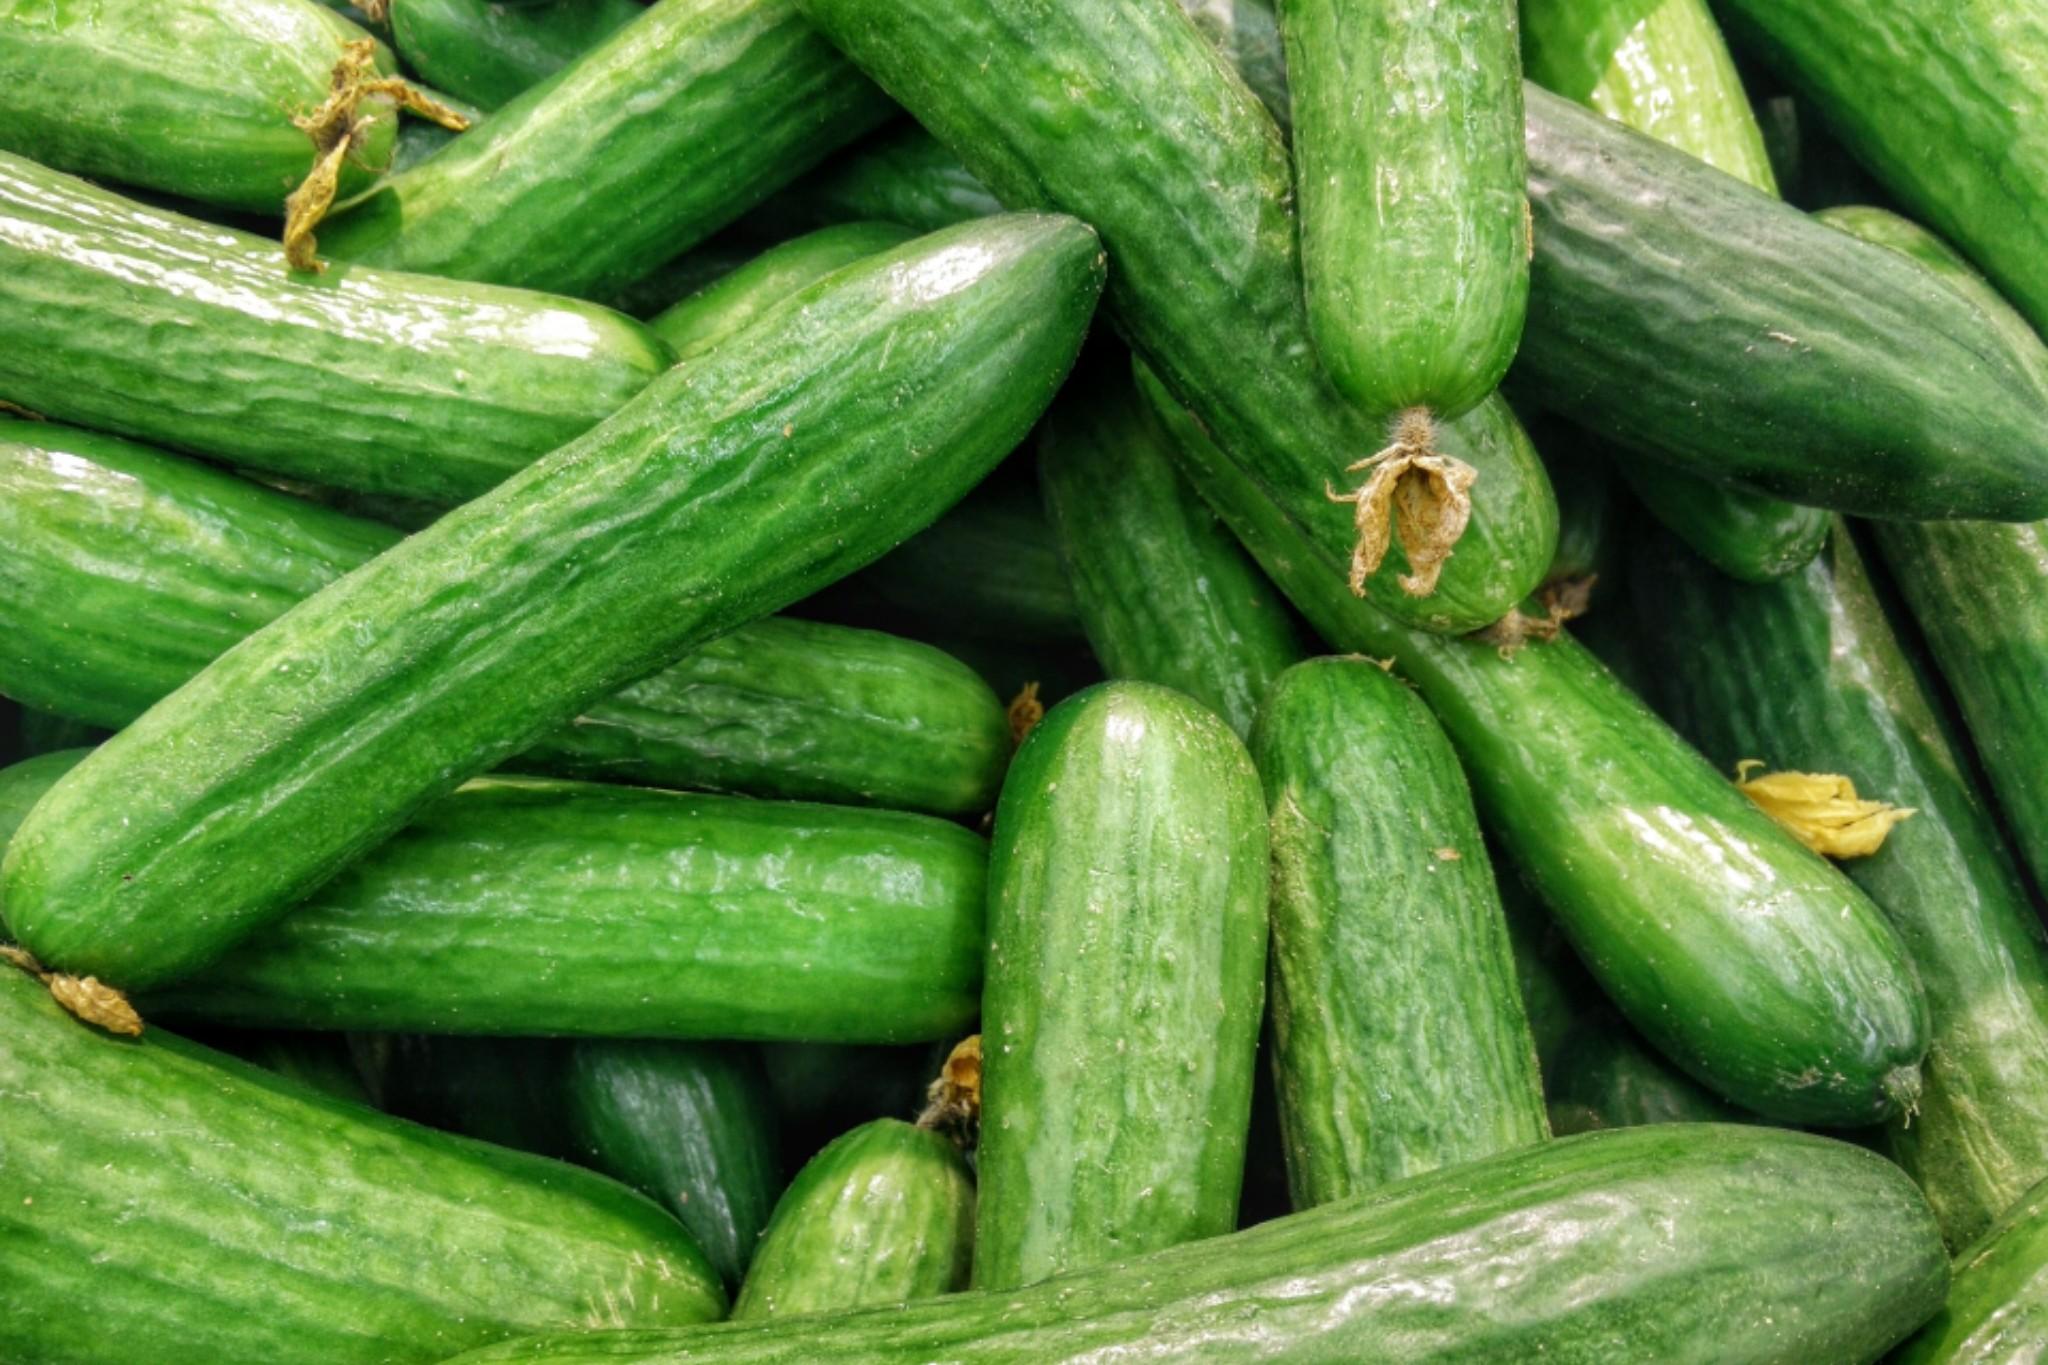 El pepino tiene propiedades maravillosos para la salud